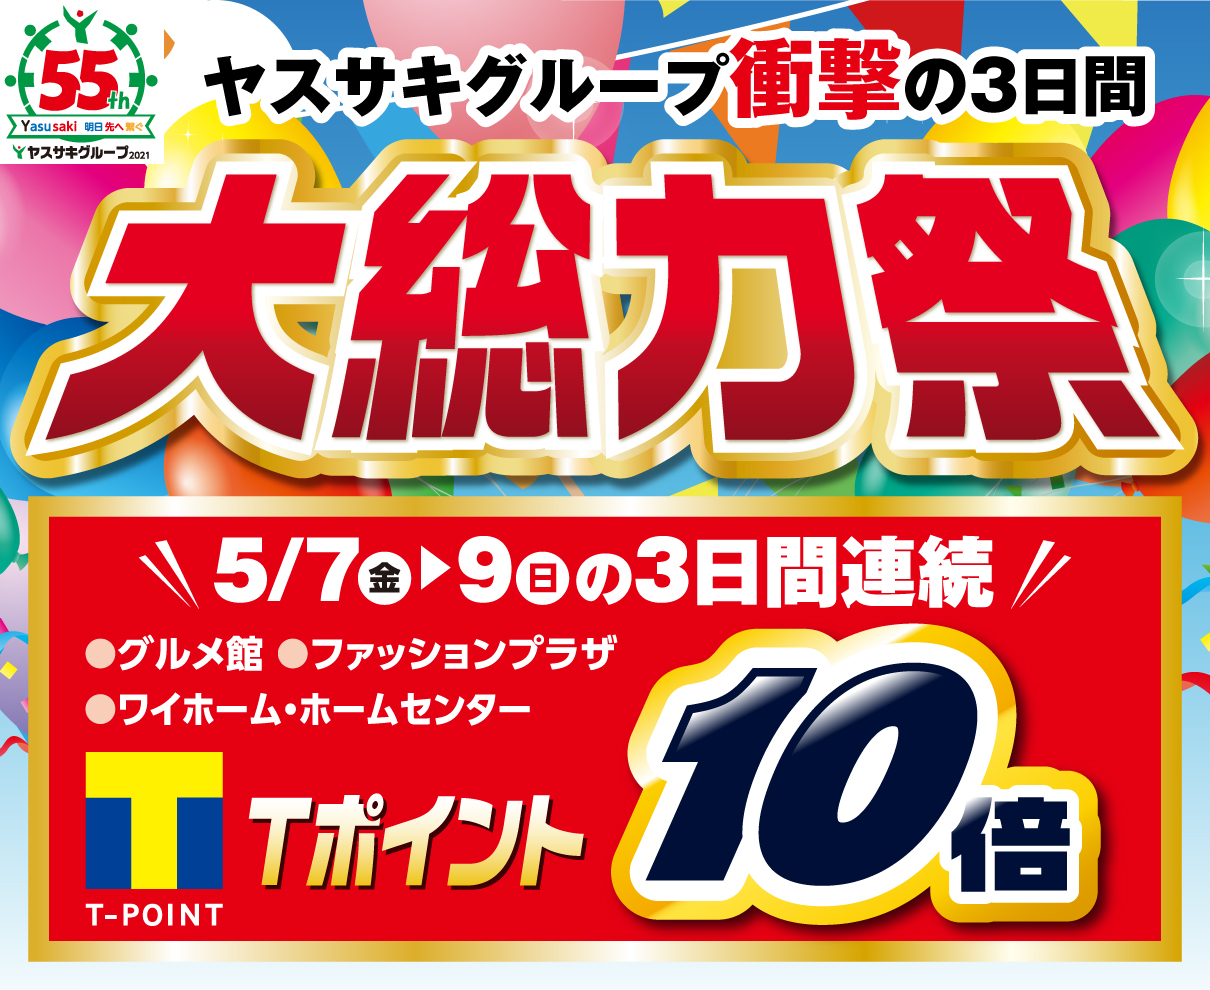 【5/7〜9】Tポイント10倍! ヤスサキグループ「大総力祭」開催!|ヤスサキグループ